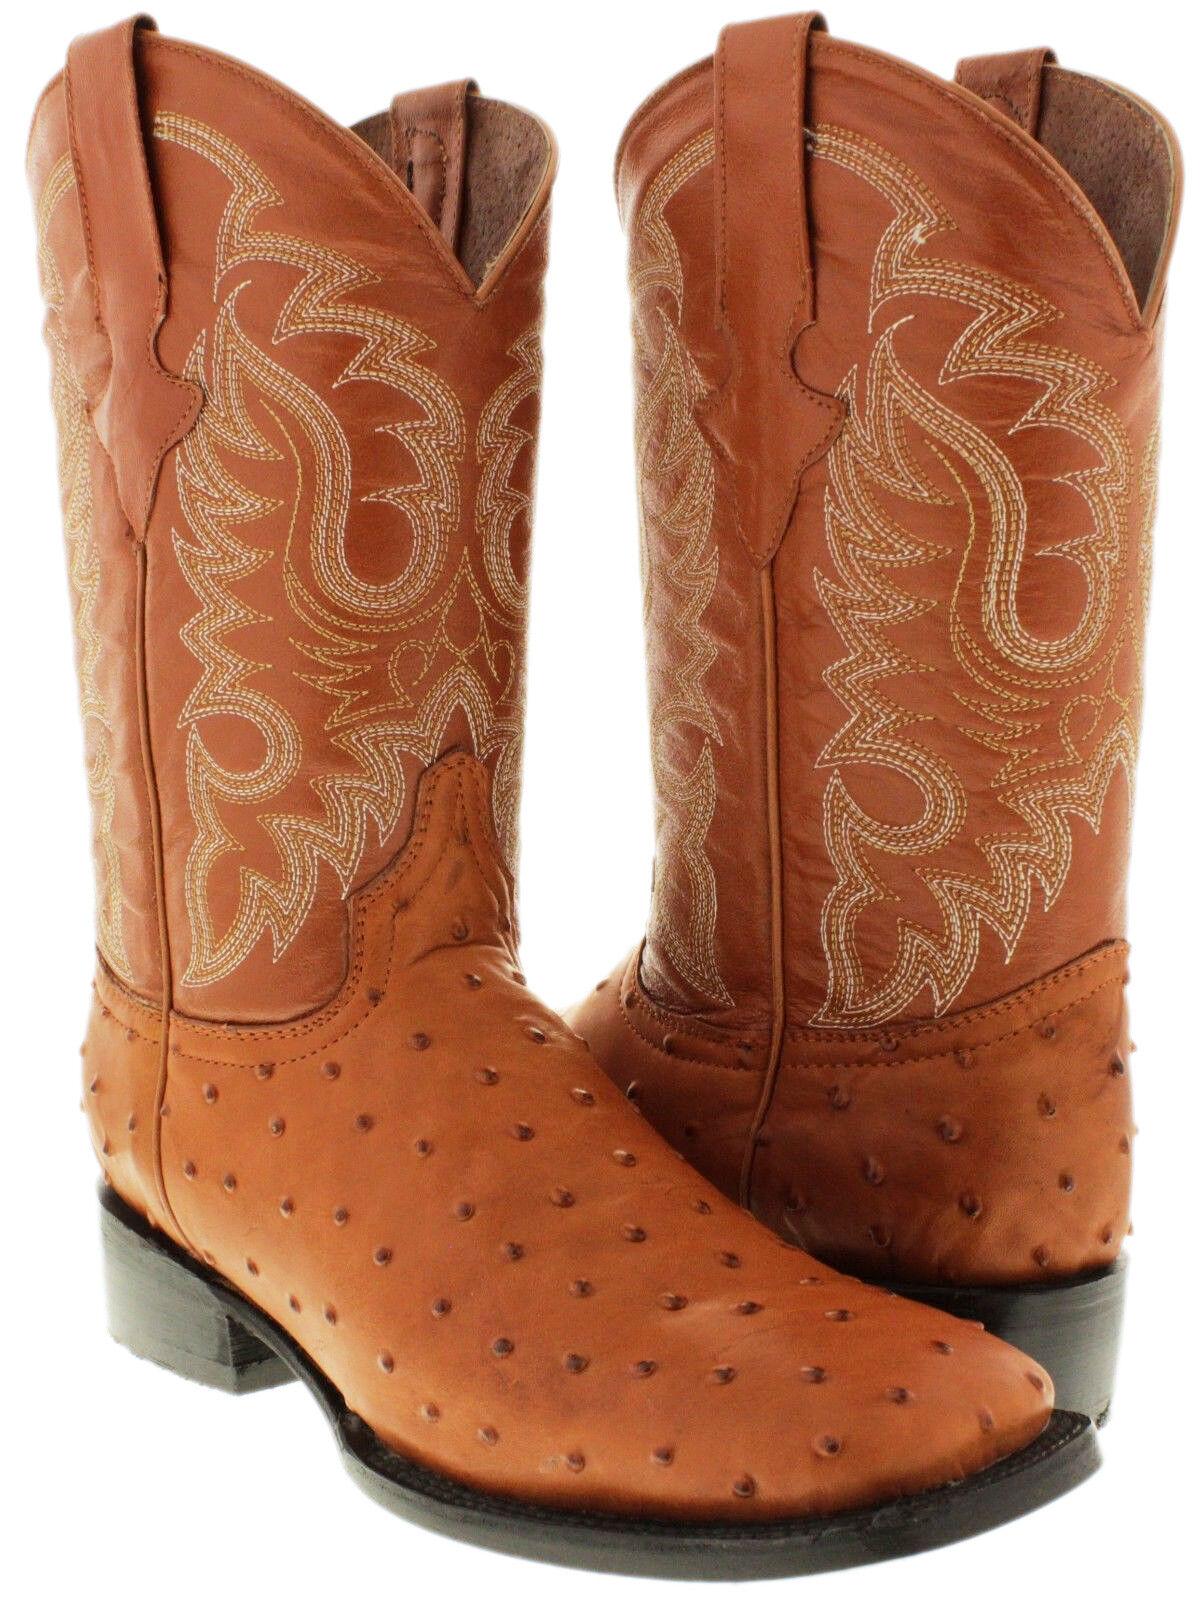 Para hombres Cuero De Avestruz Pluma Coñac Diseño botas De Vaquero Puntera Cuadrada Oeste Rodeo